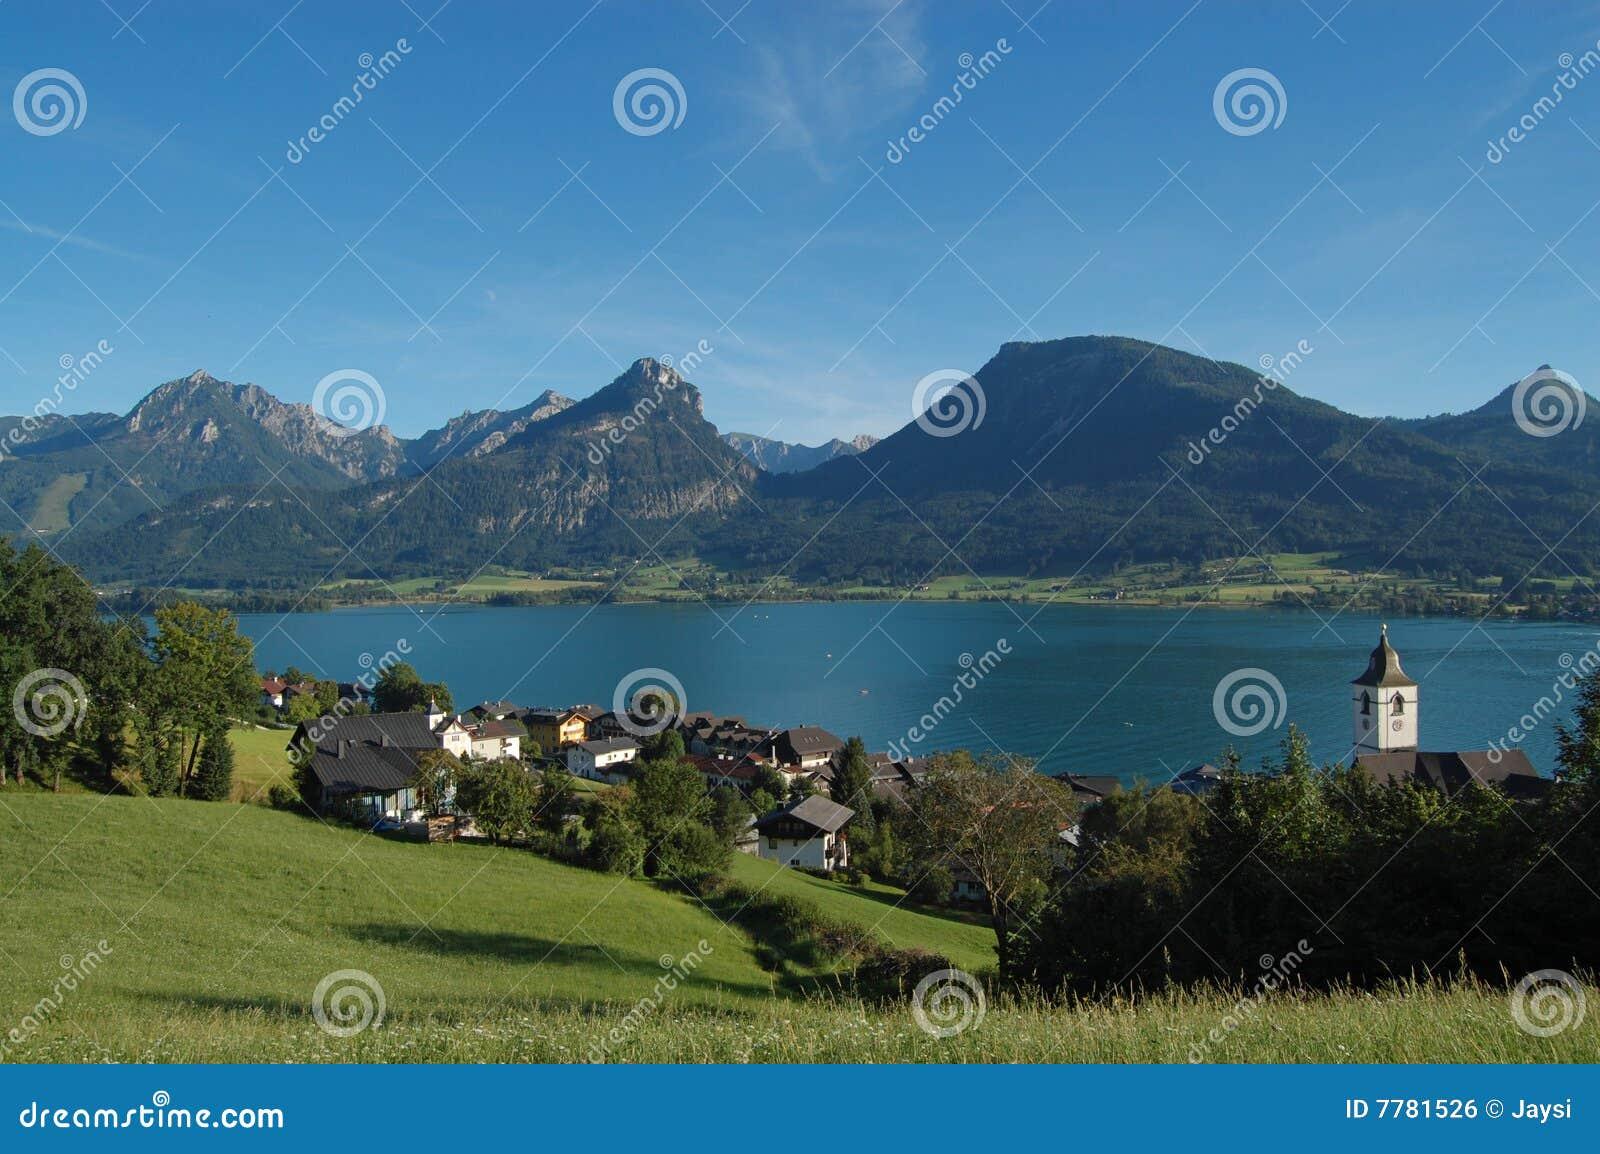 St.Wolfgang beautiful view